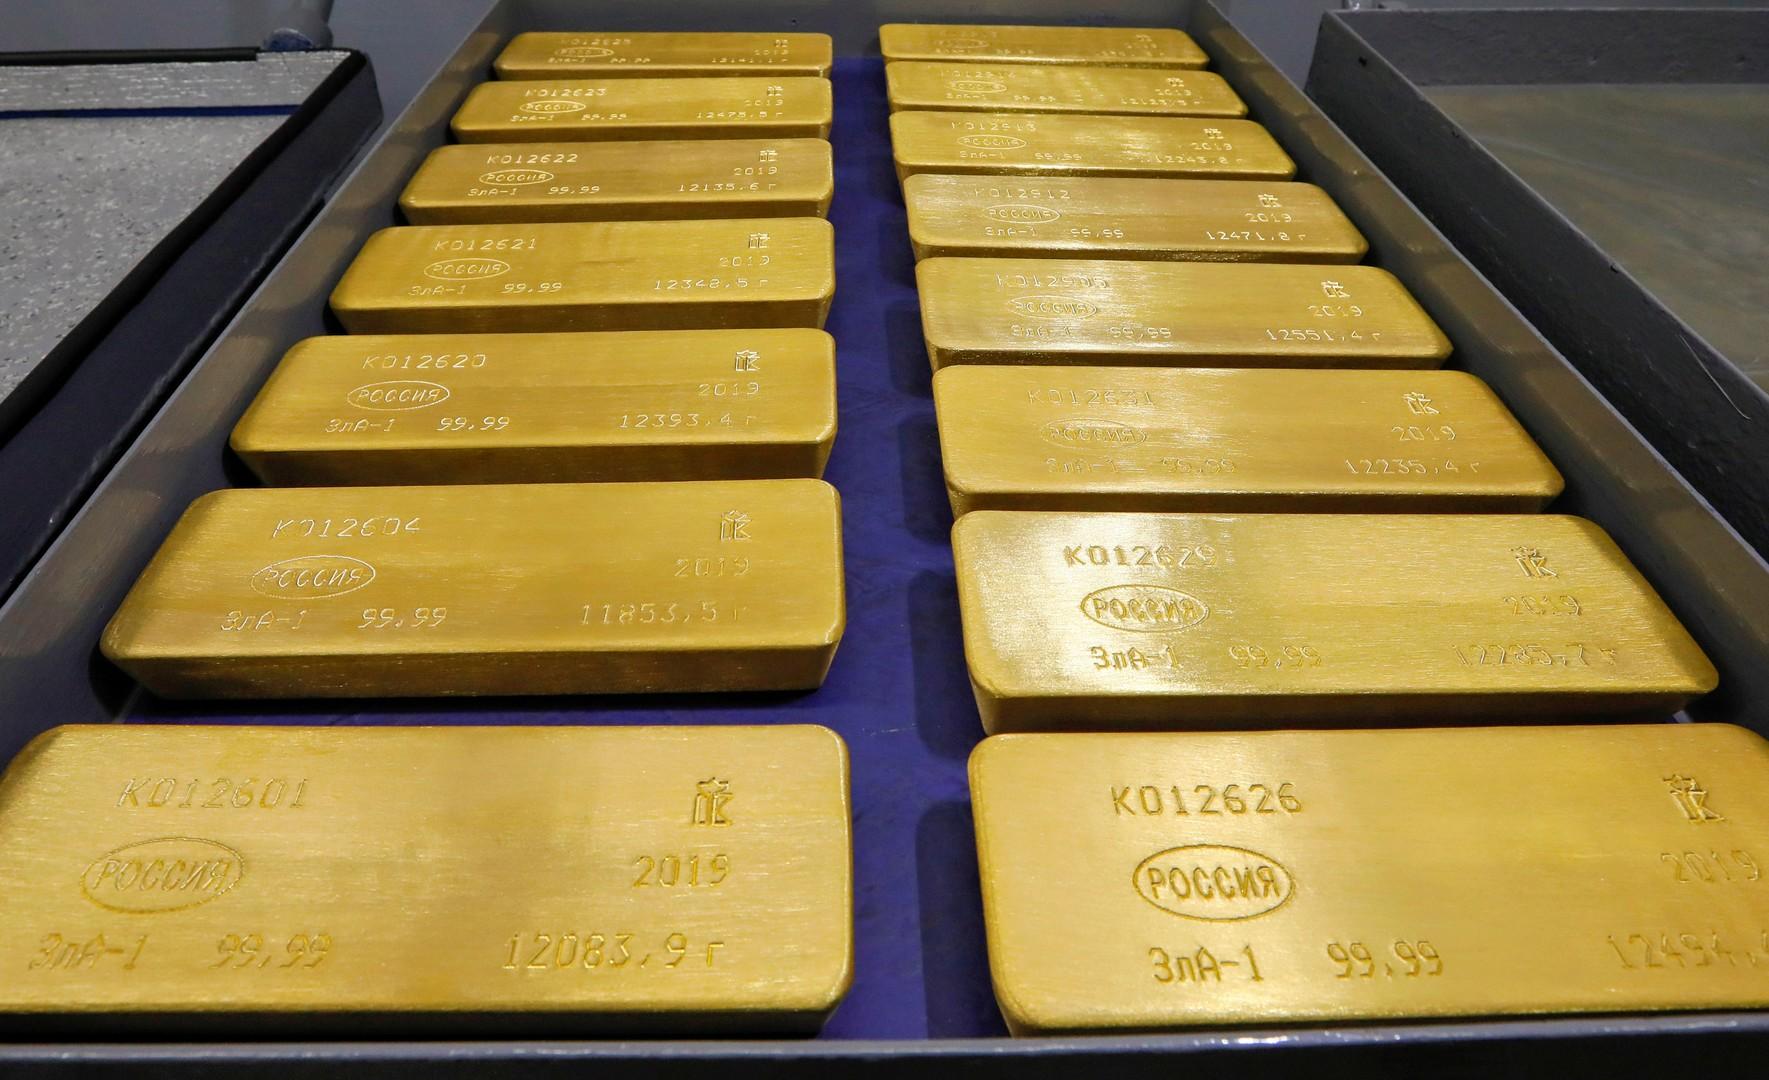 الذهب يرتفع إلى مستويات قياسية